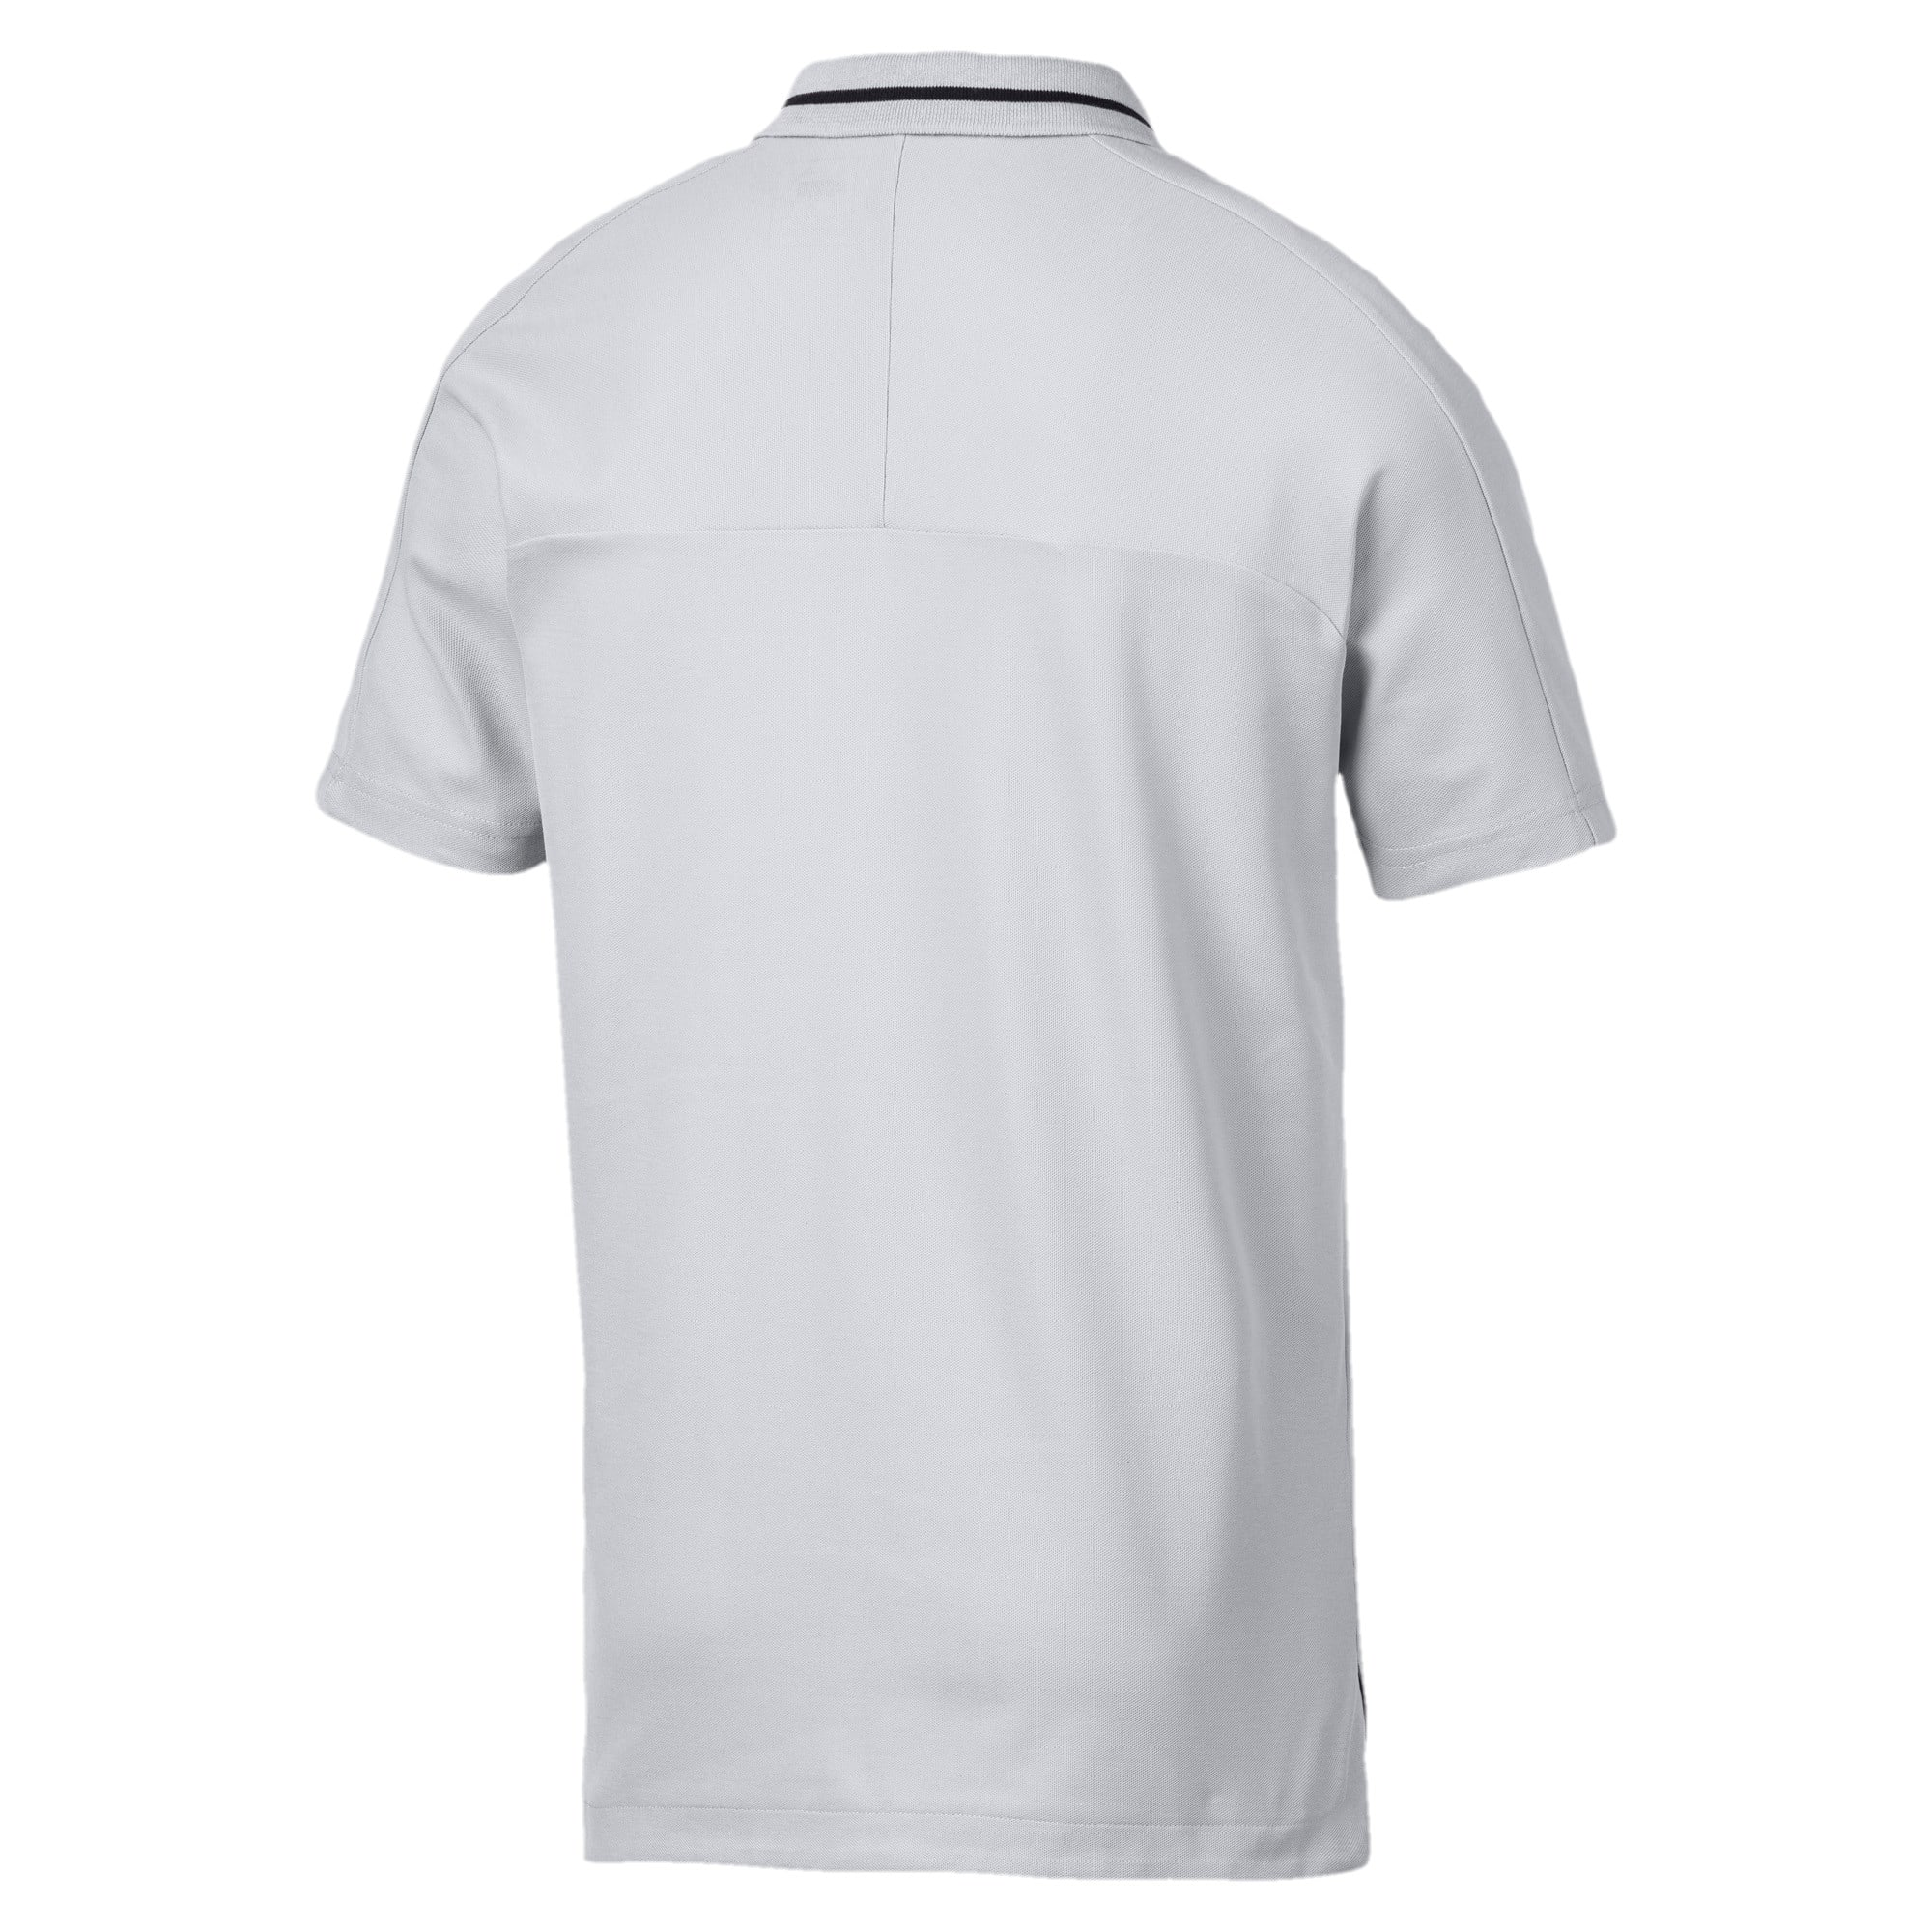 Miniatura 2 de Camiseta tipo polo Mercedes AMG Petronaspara hombre, Mercedes Team Silver, mediano